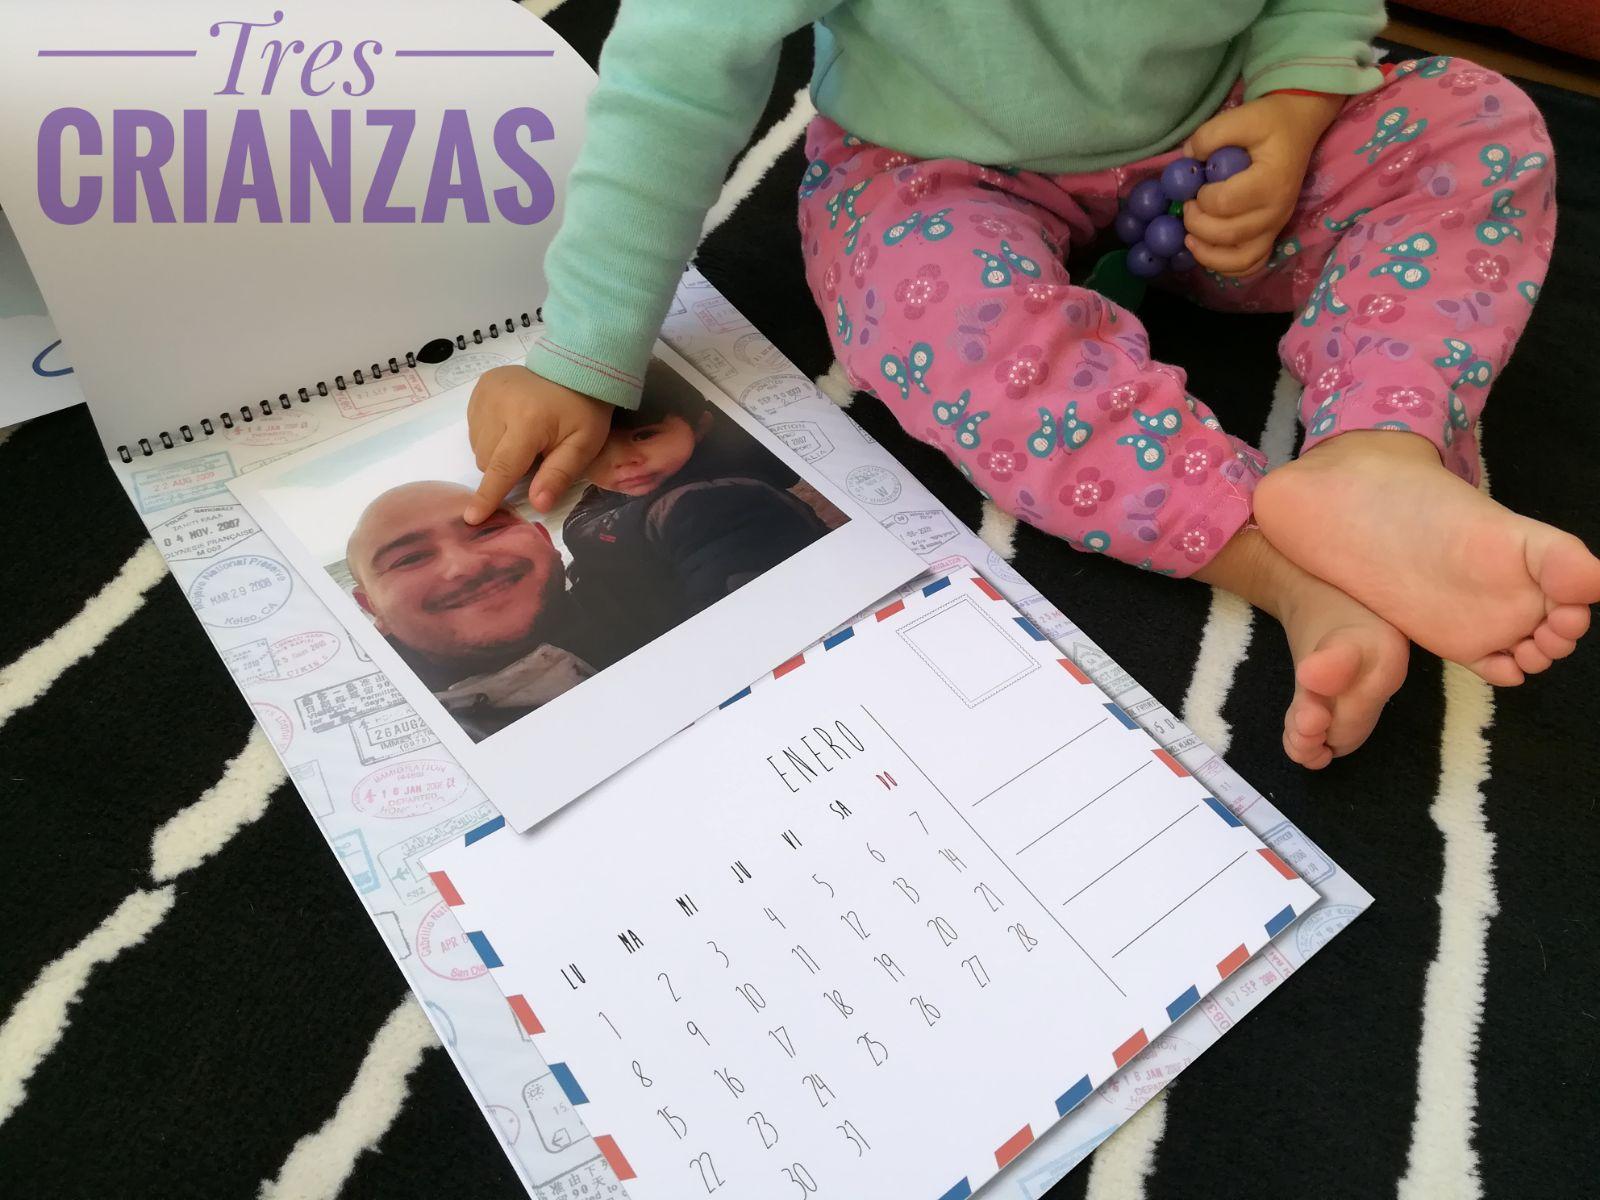 calendariopersonalizado3 - Tenemos calendario personalizado! Regalazo para papá.